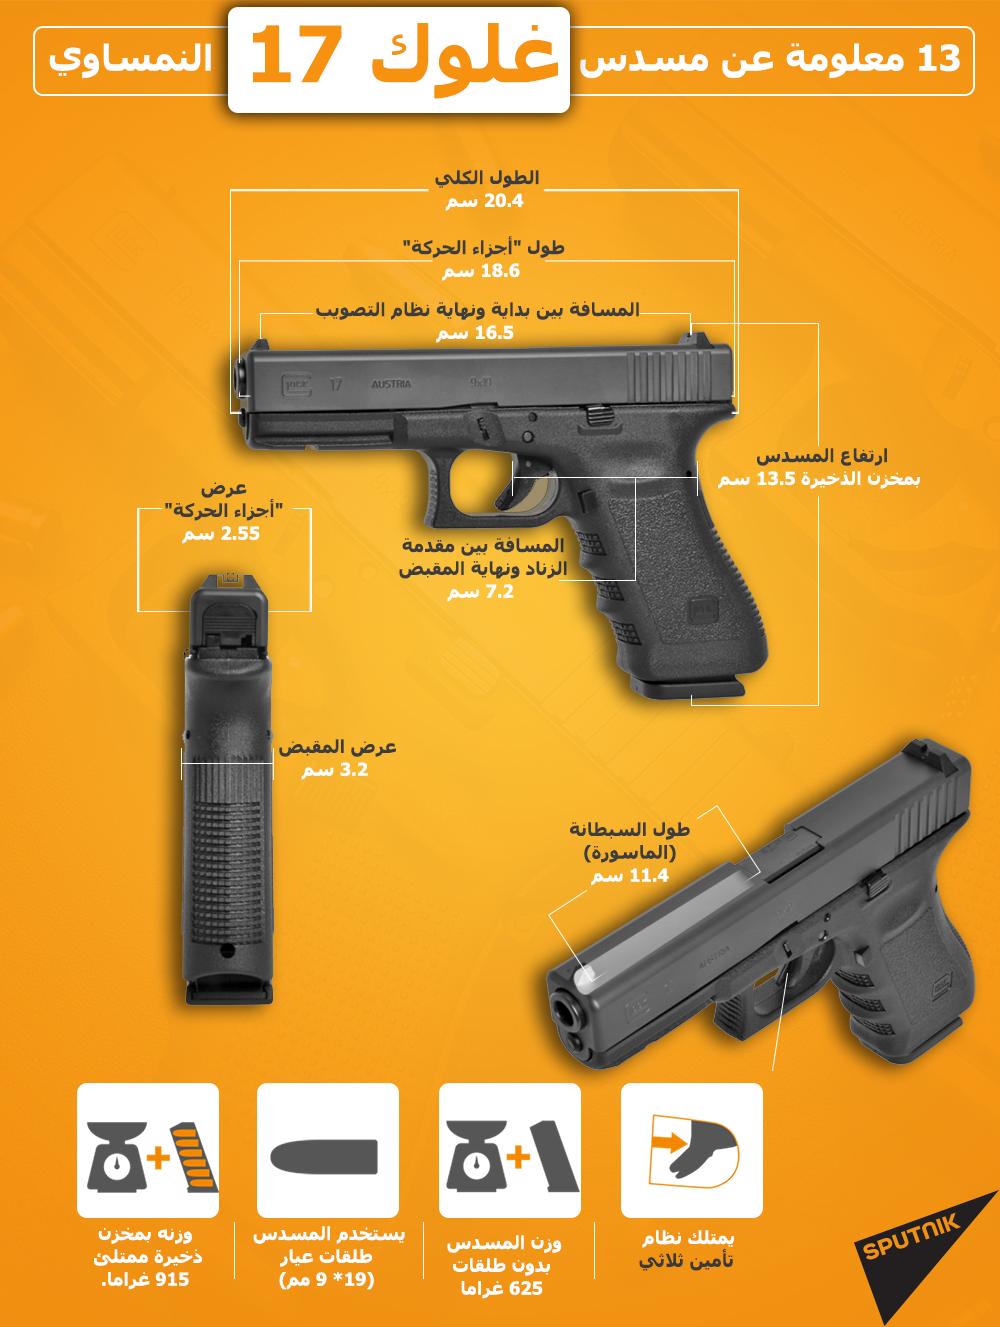 إنفوجراف - إنفوجرافيك - 13 معلومة عن مسدس غلوك 17 النمساوي